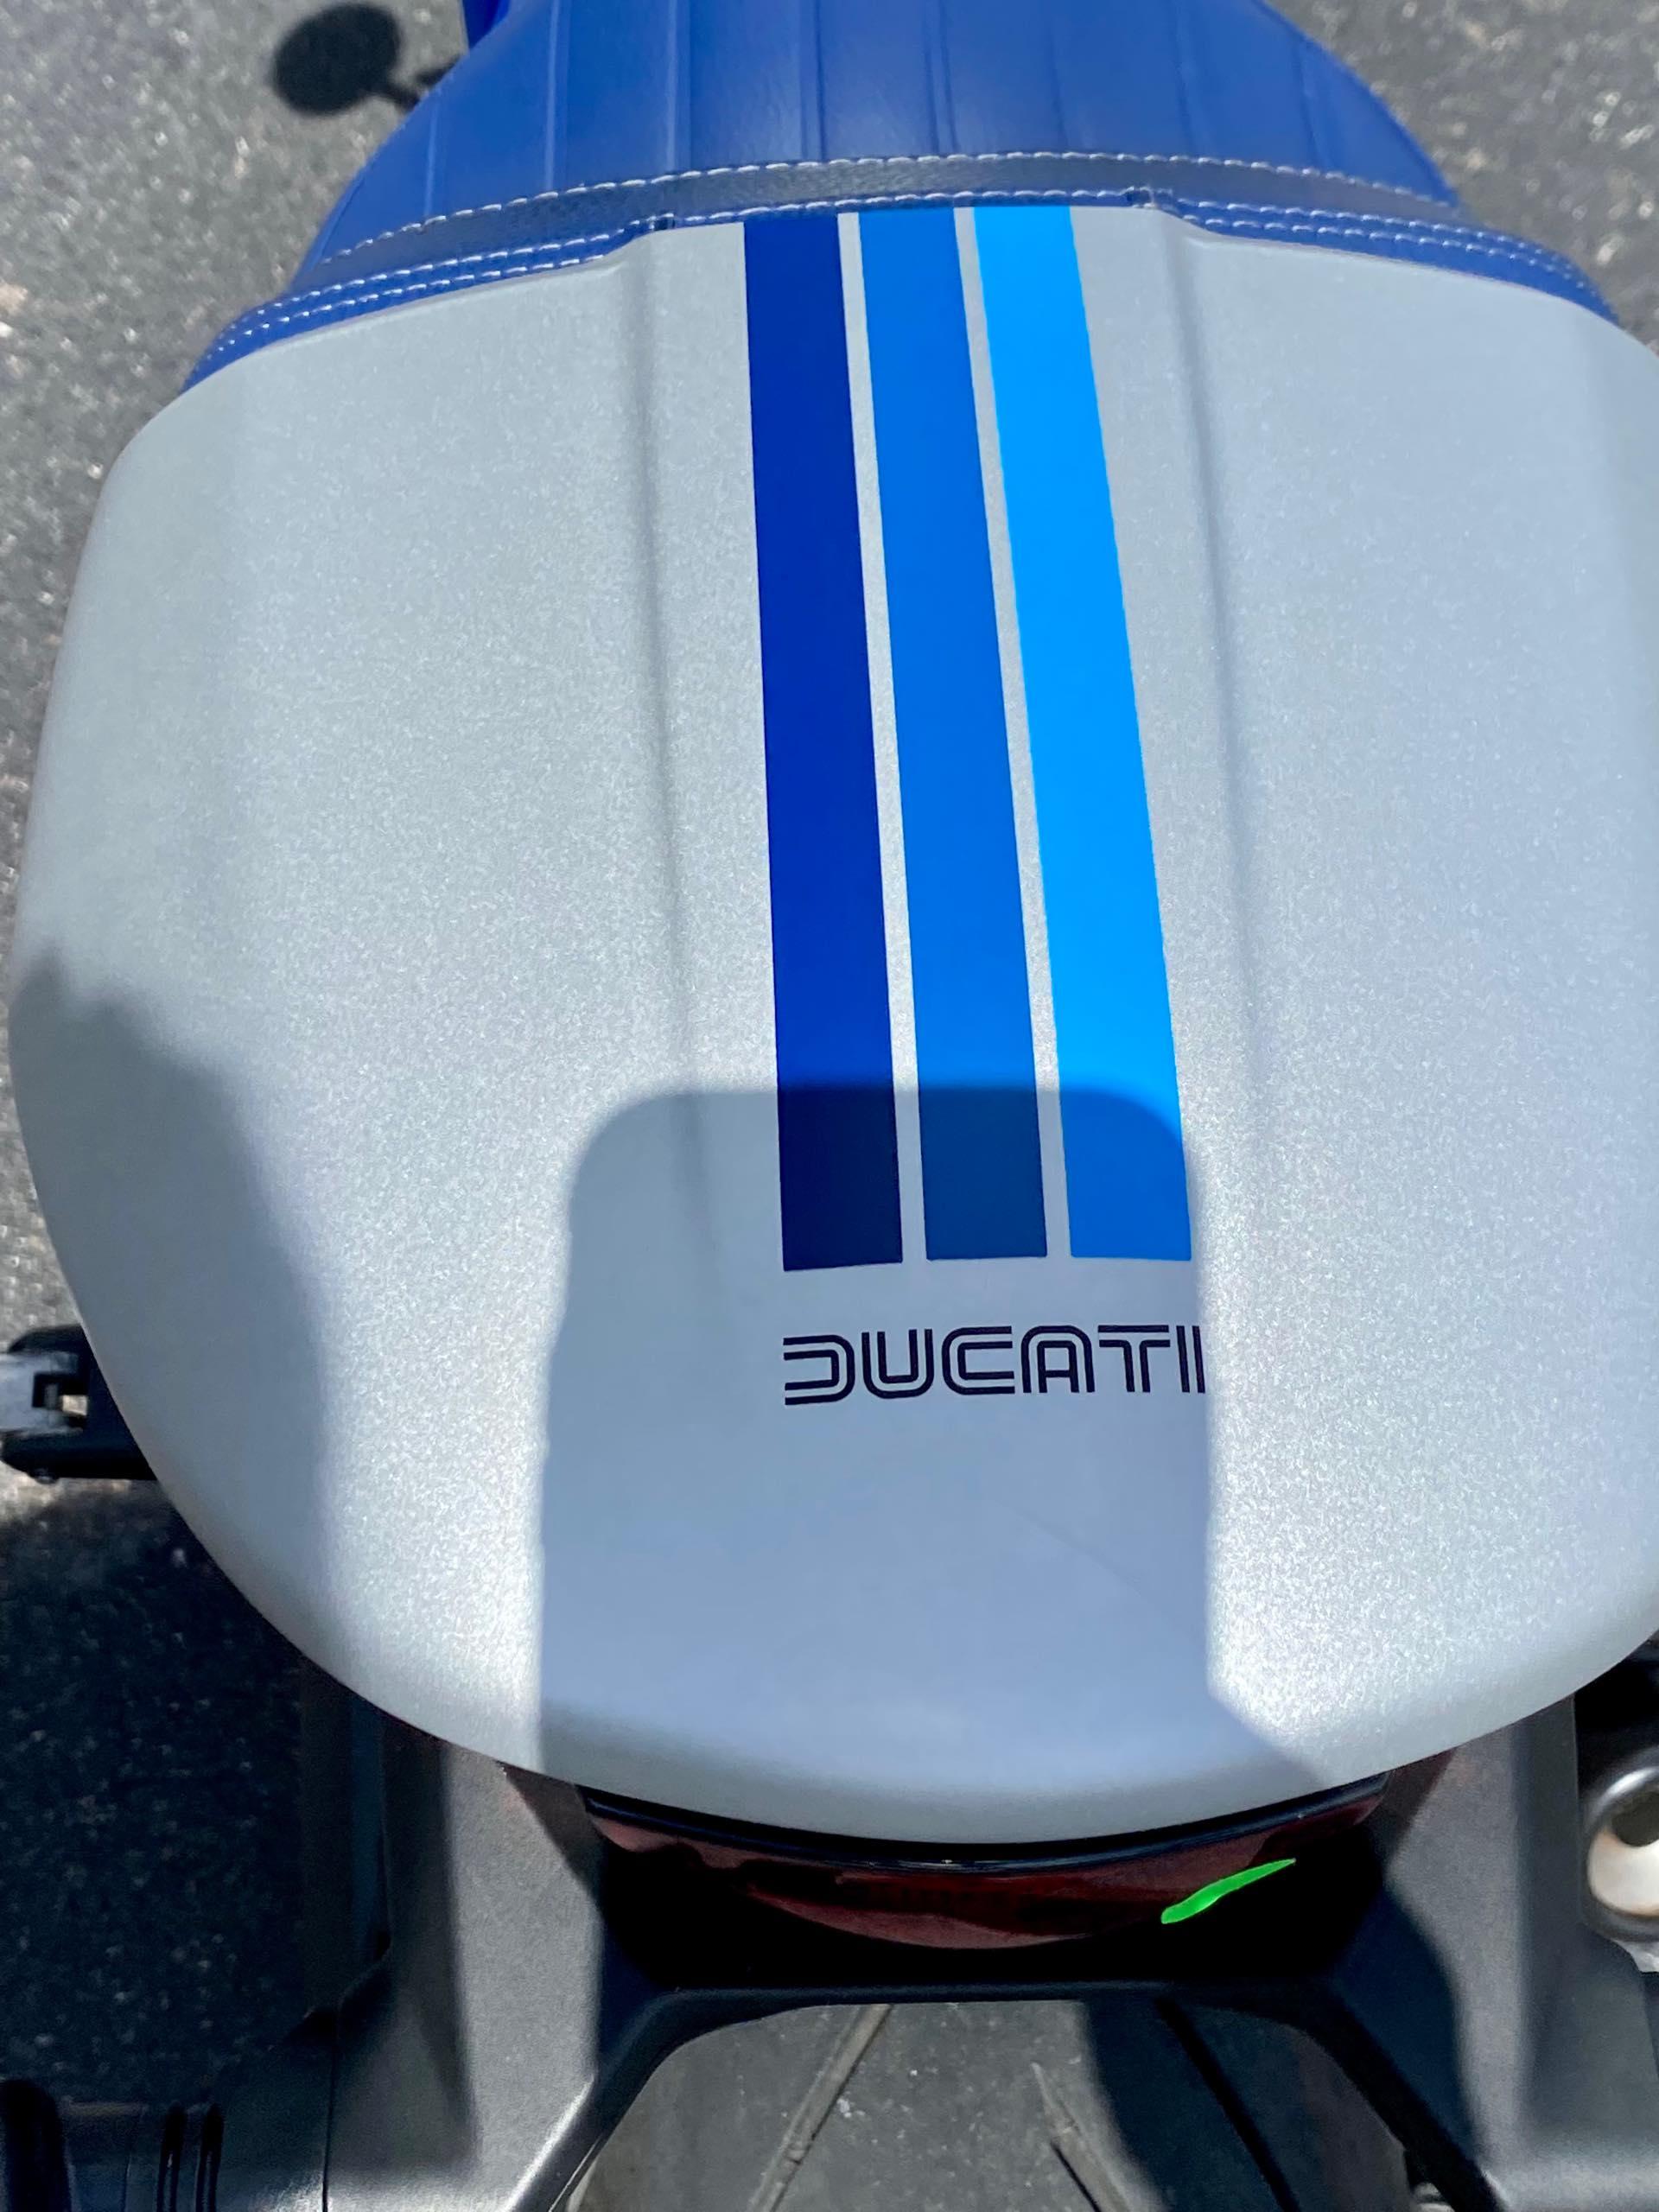 2019 Ducati Scrambler Cafe Racer at Tampa Triumph, Tampa, FL 33614